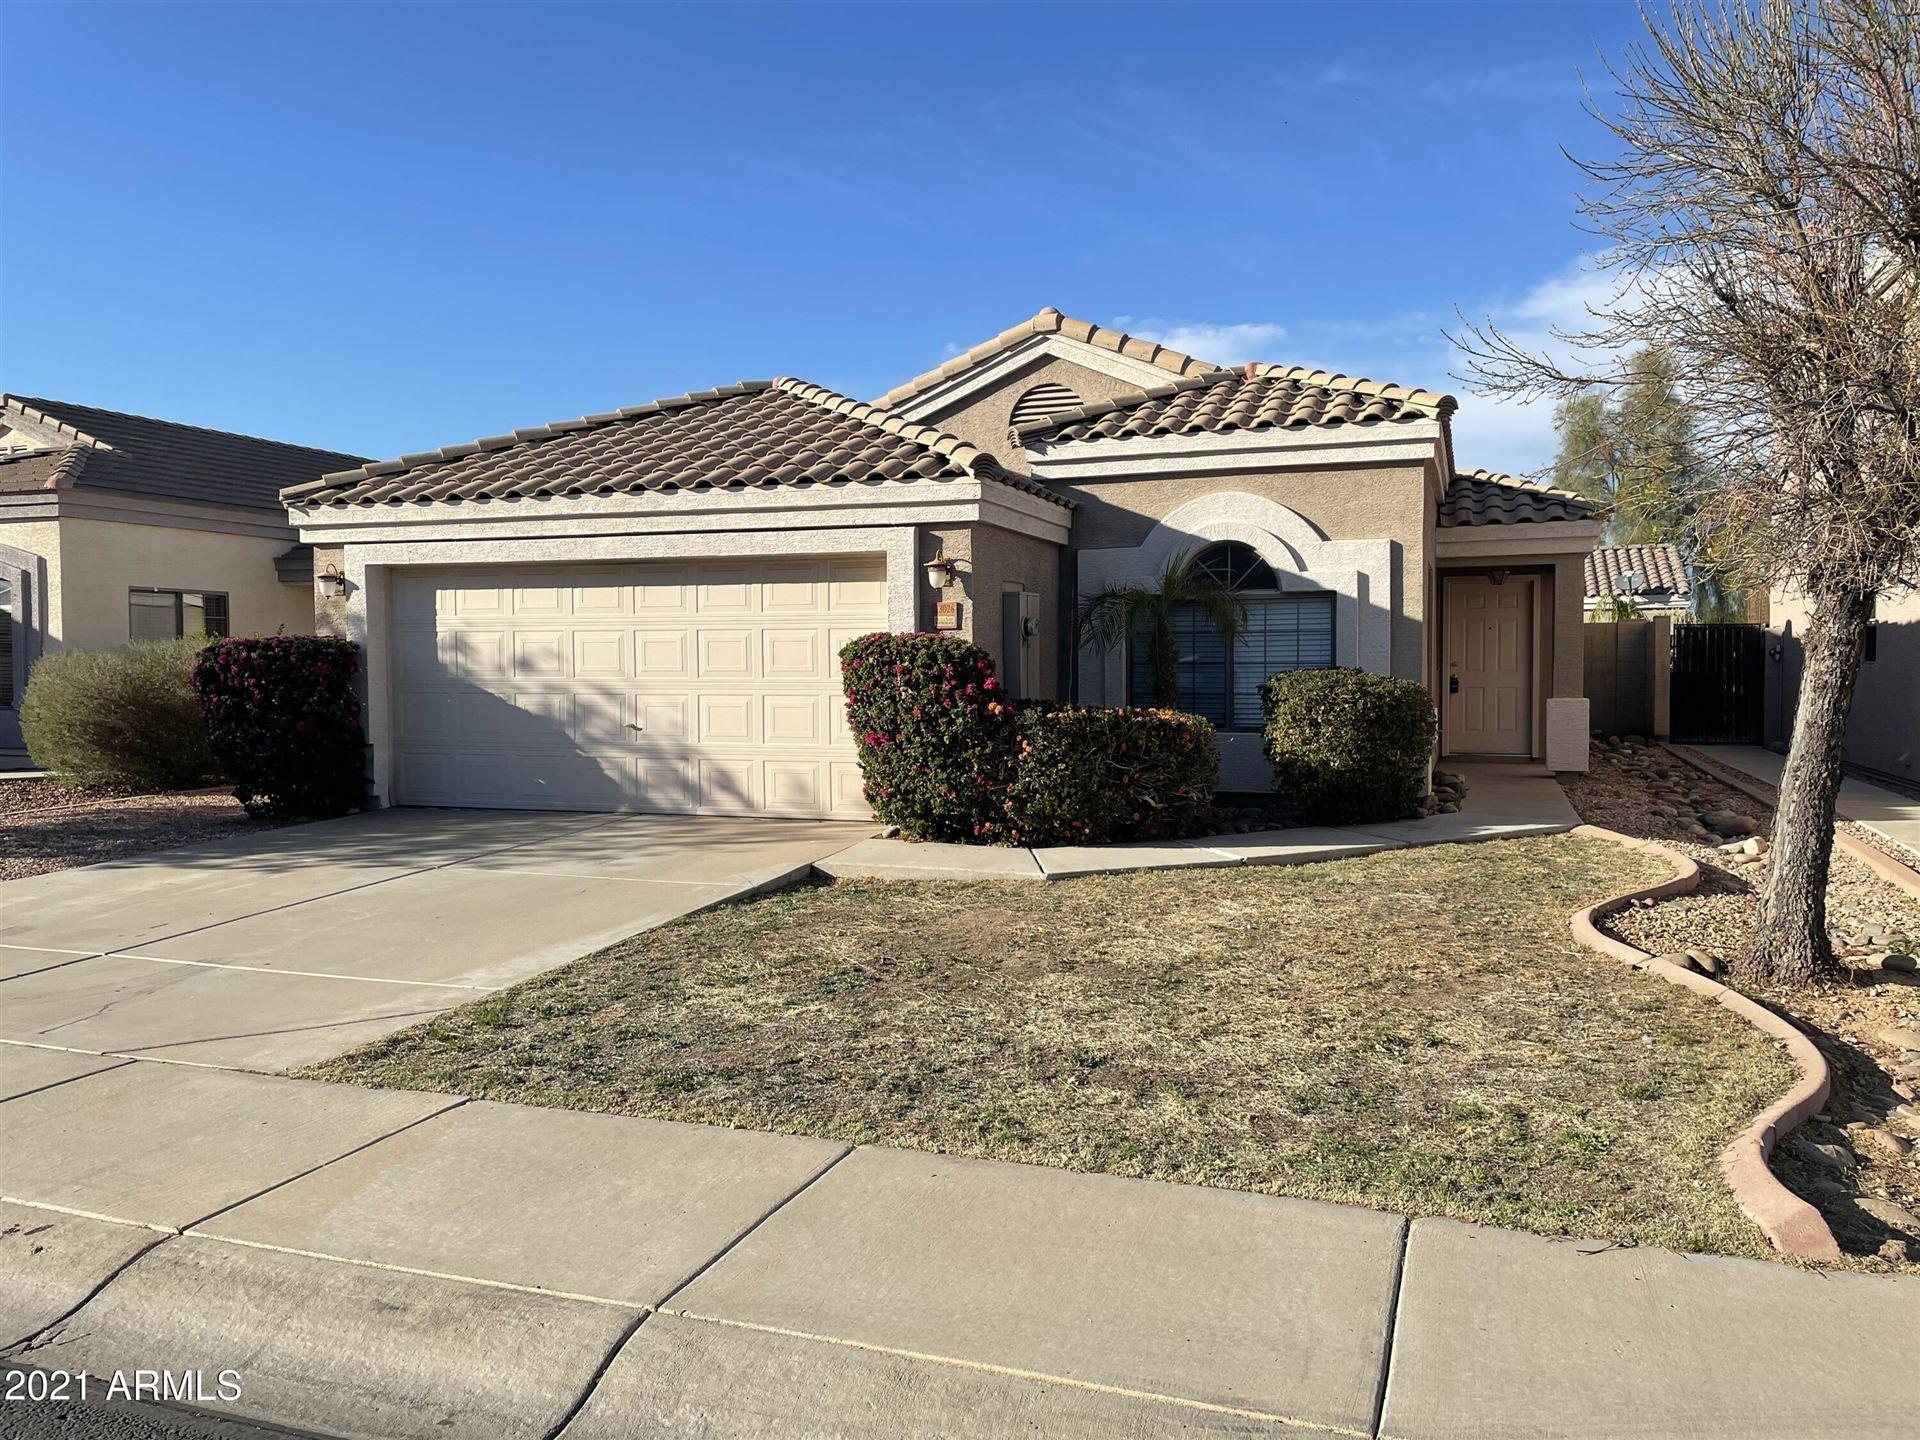 Photo of 13026 W EVANS Drive, El Mirage, AZ 85335 (MLS # 6198889)